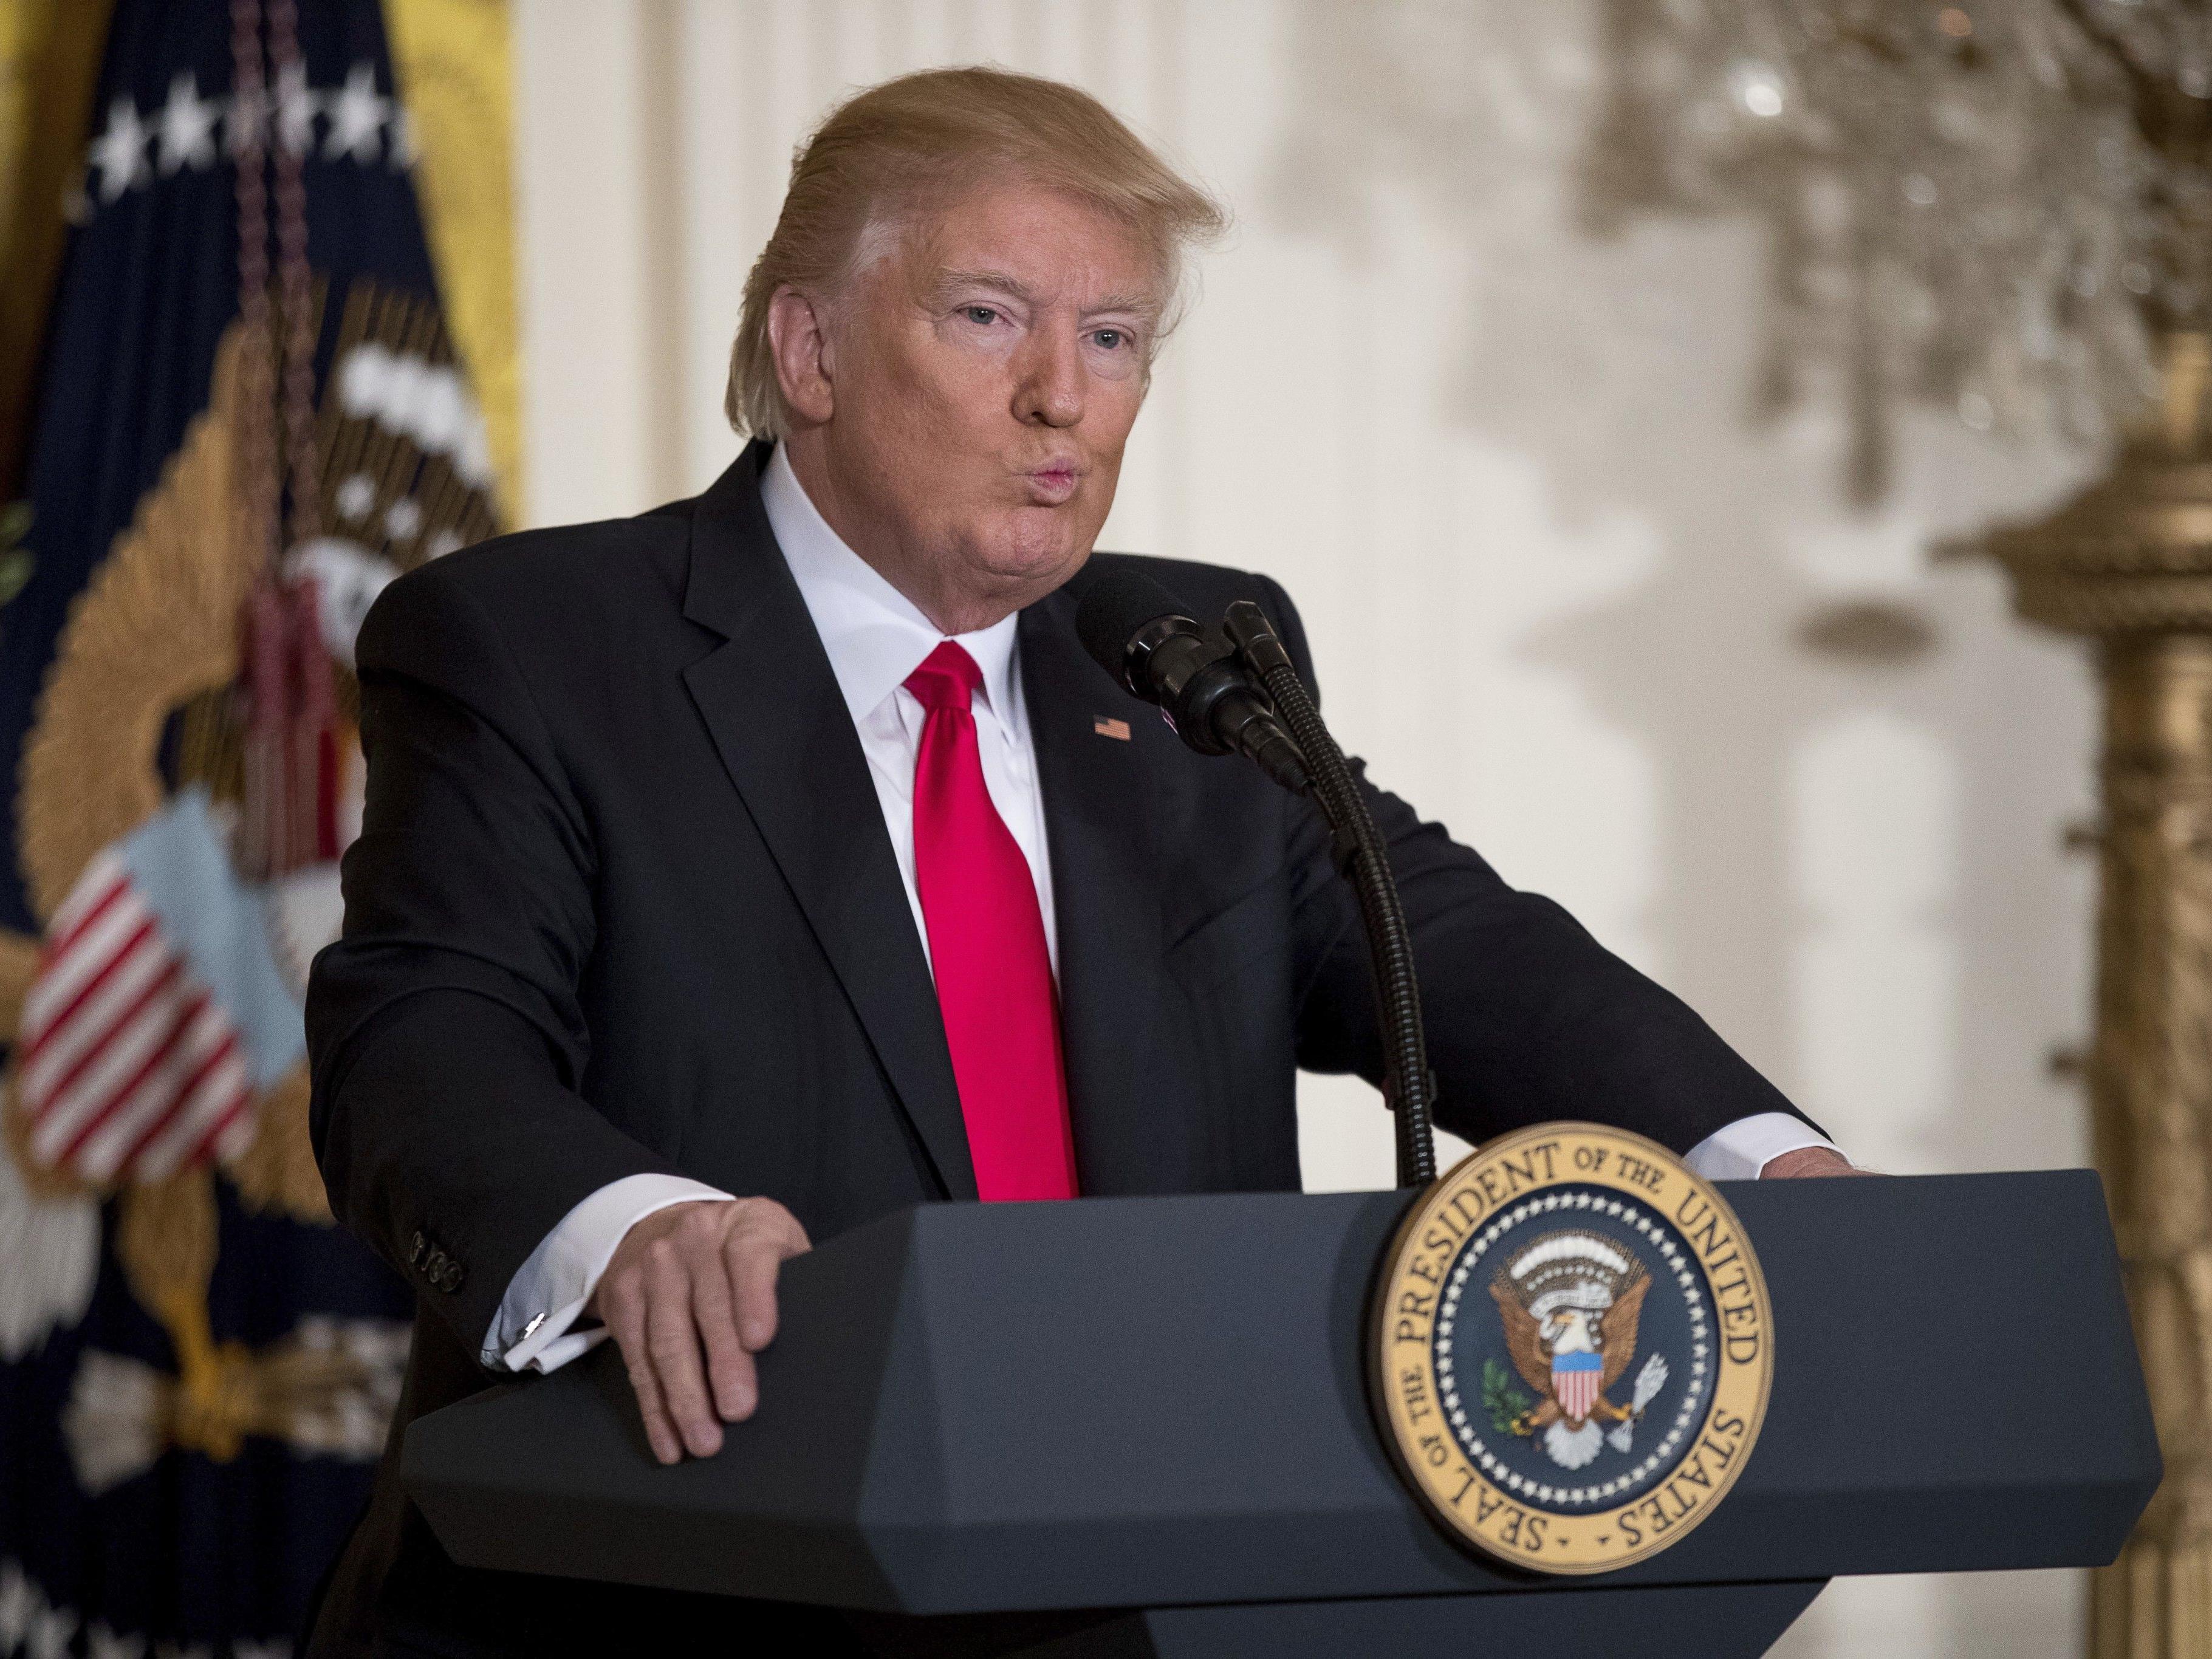 Wird Trump seine Außenpolitik nach den Mahnungen überdenken?